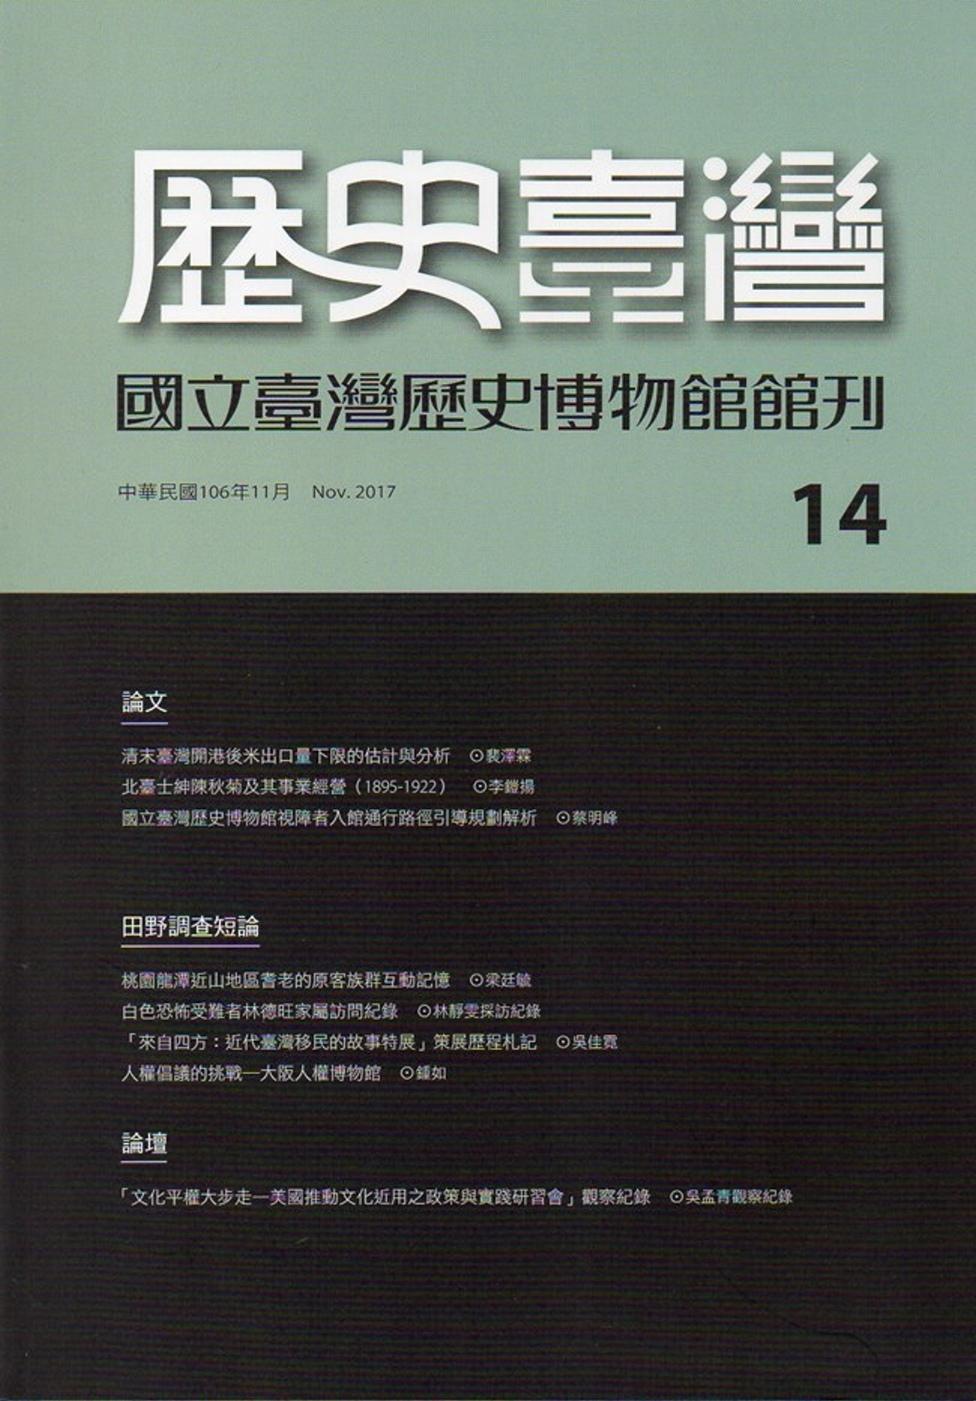 歷史臺灣-國立臺灣歷史博物館館刊第14期(106.11)